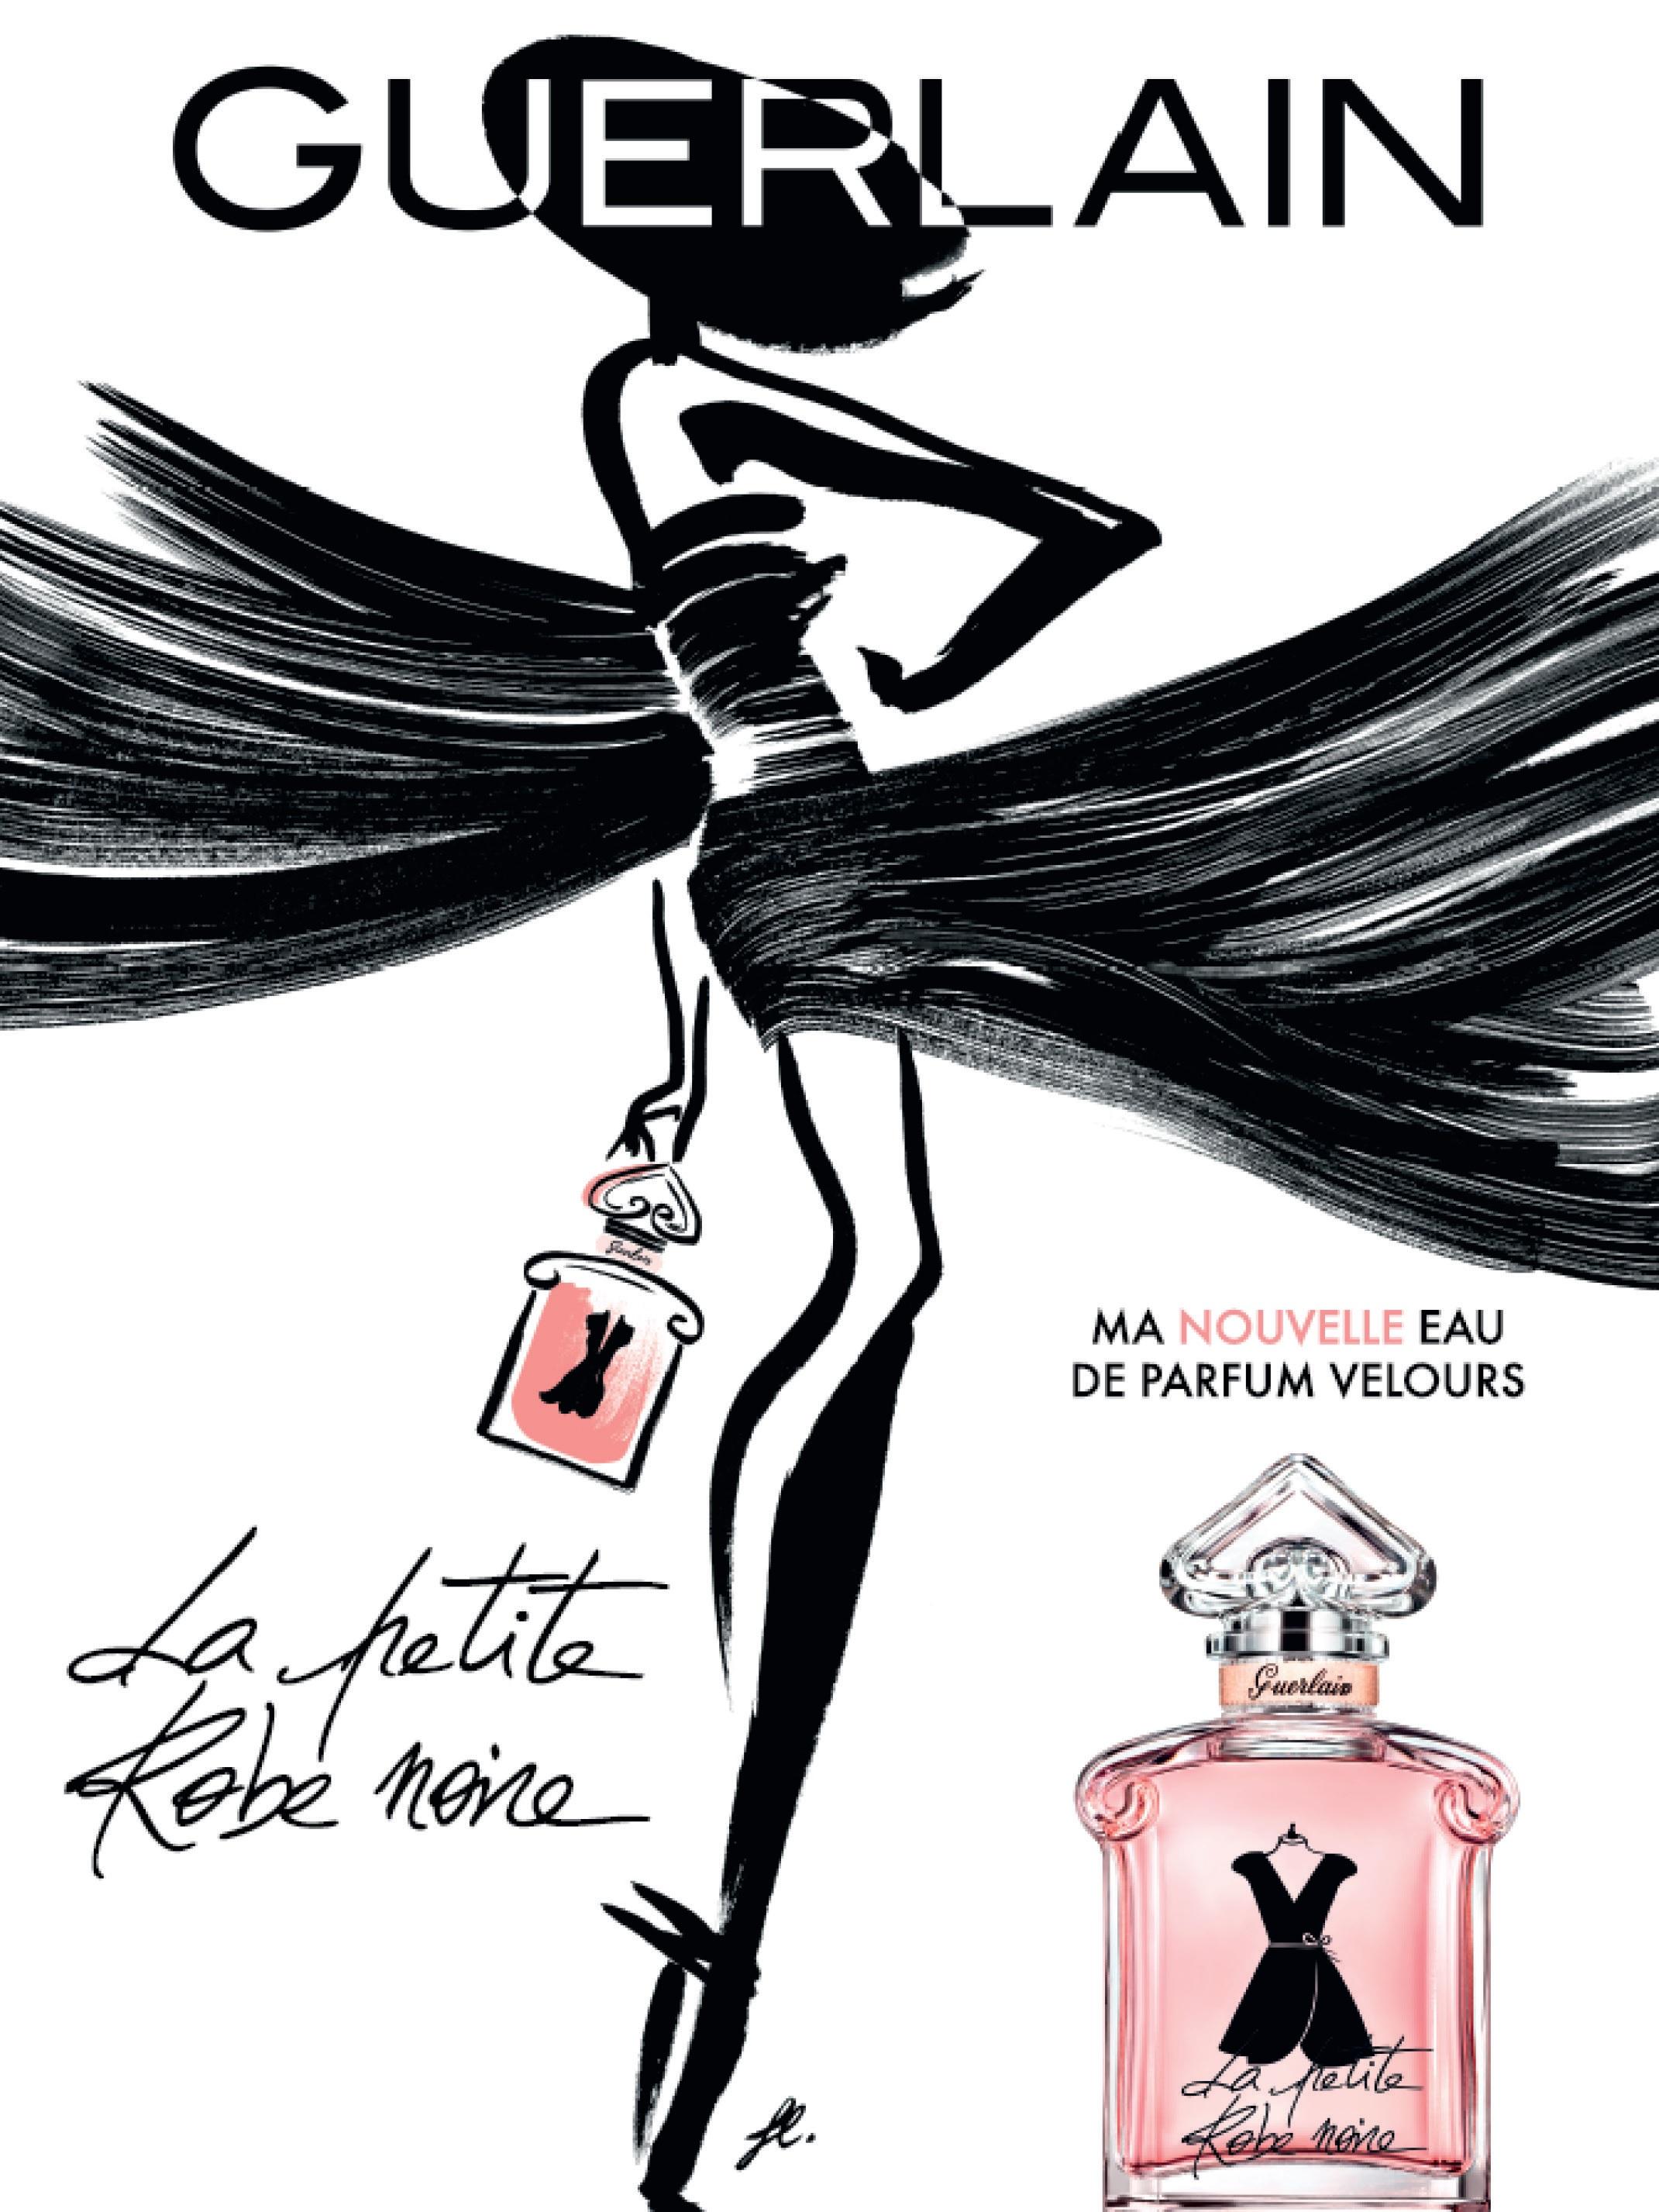 la petite robe noire velours guerlain perfume a new fragrance for women 2019